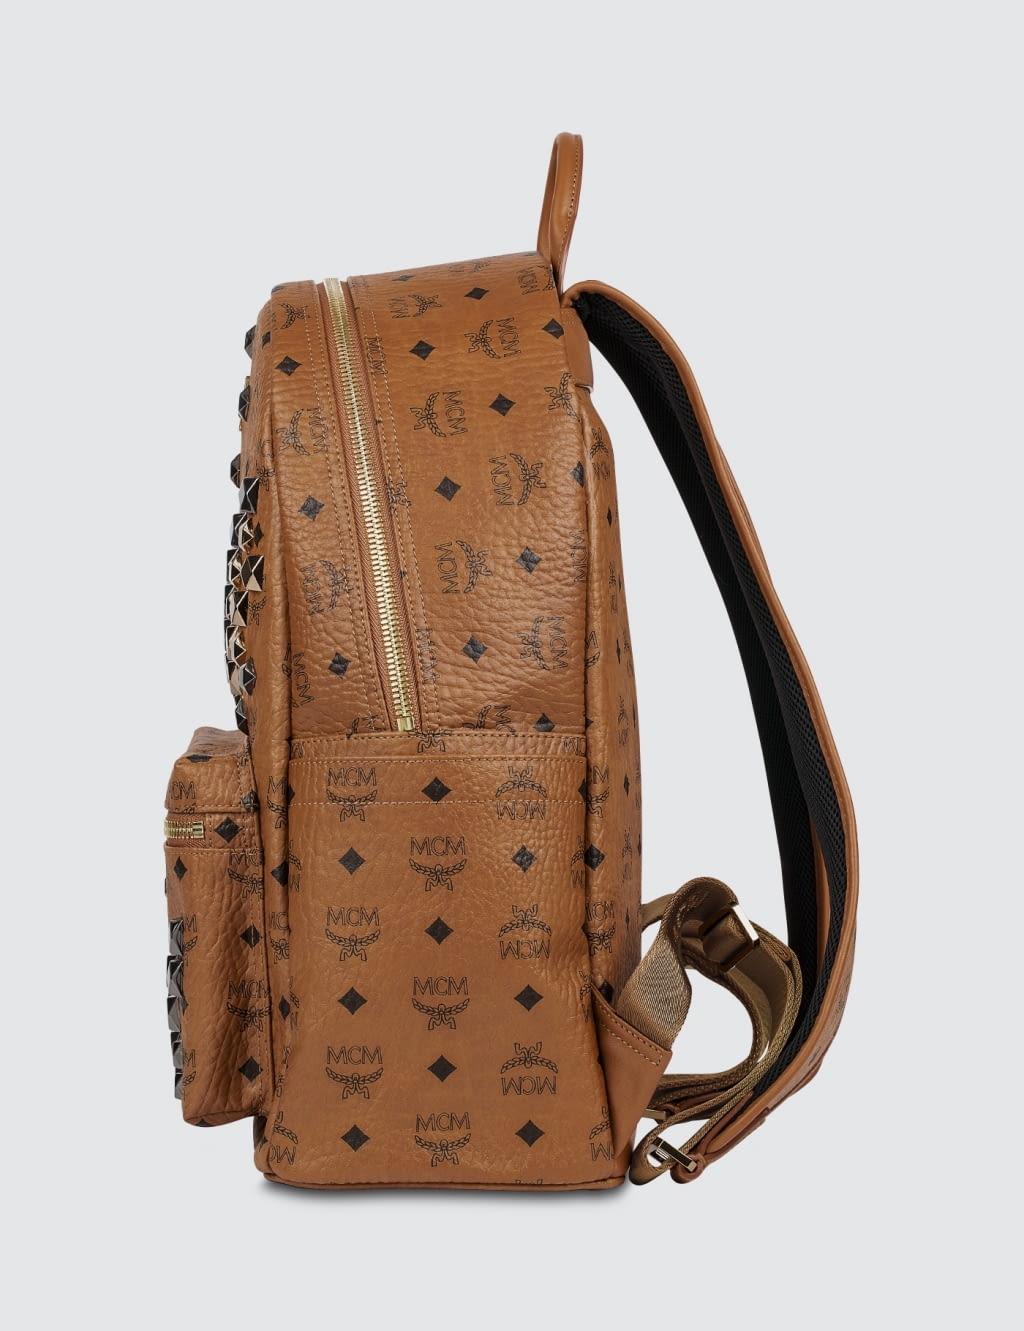 Рюкзак mcm оригинал купить рюкзак снаряжение туарег 100 видео